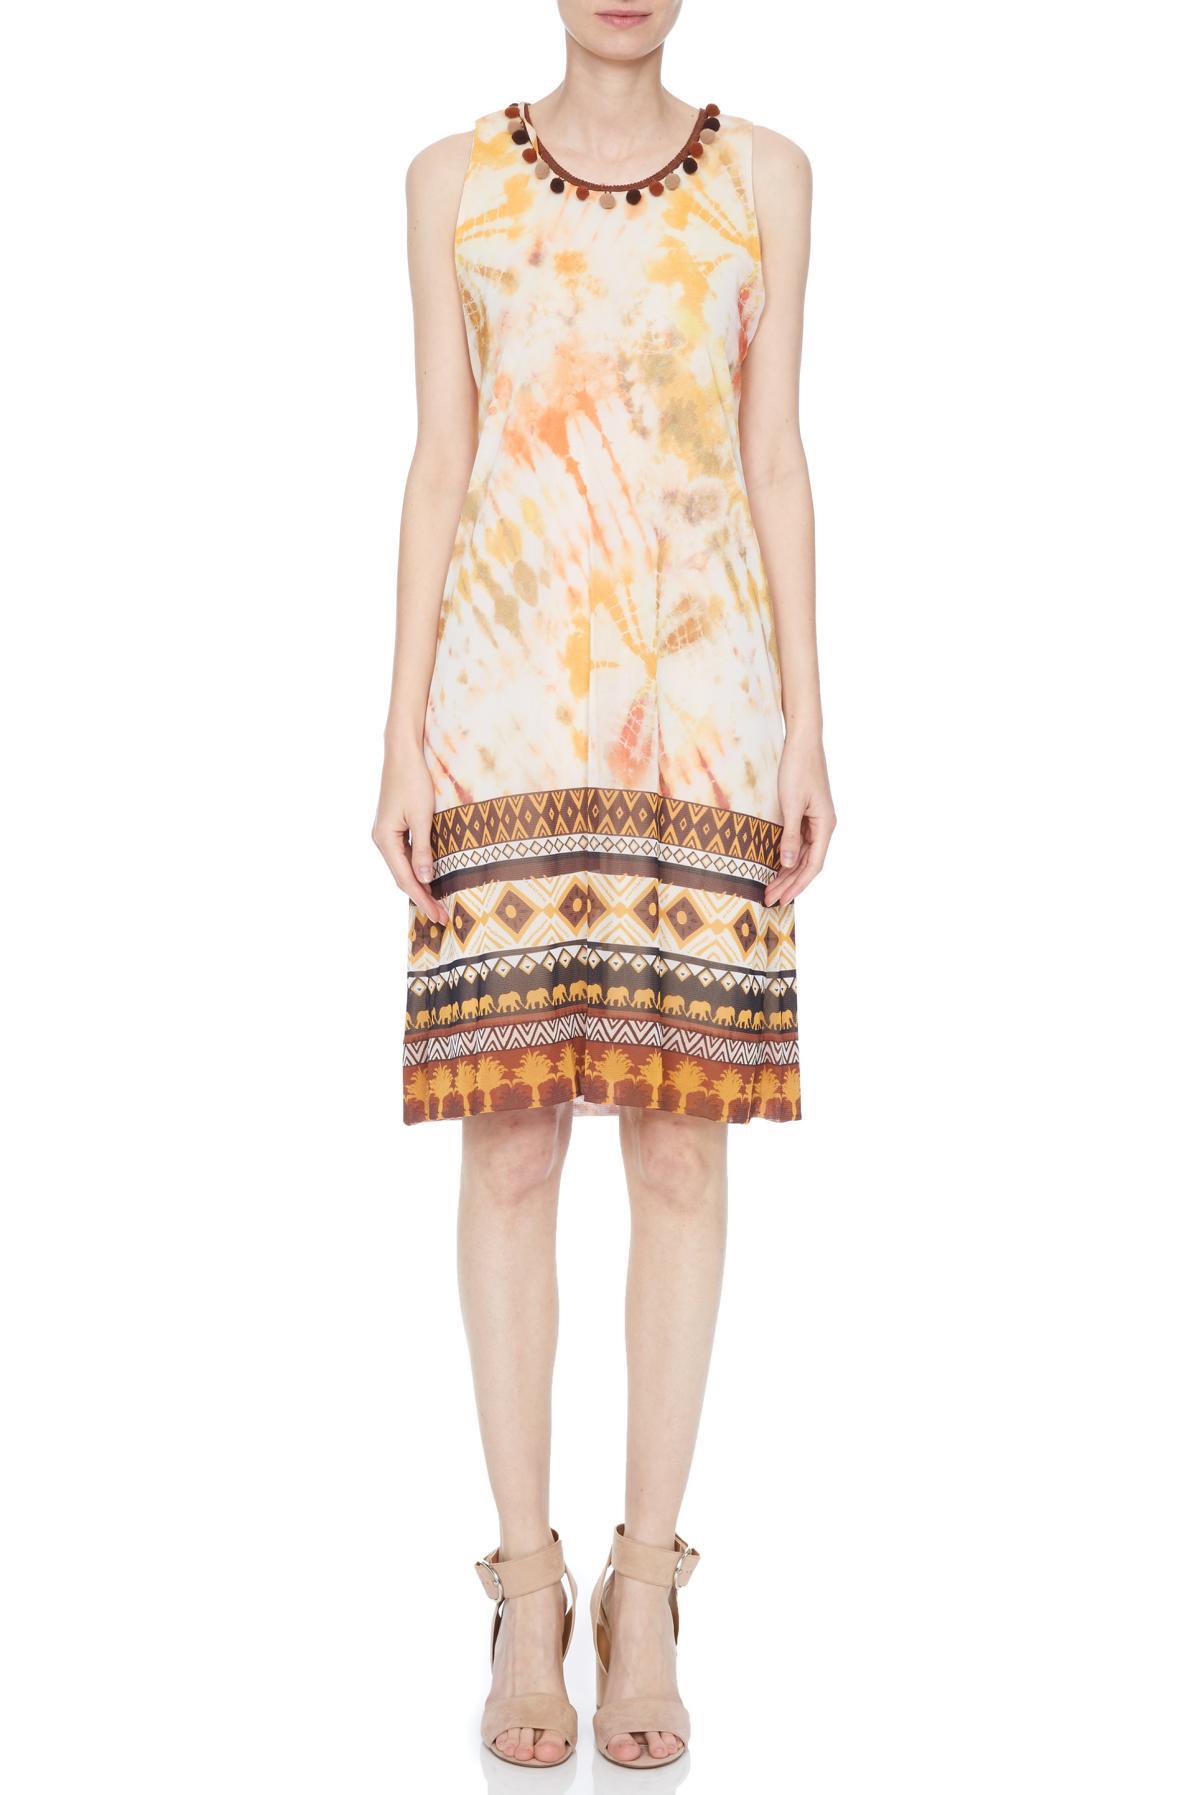 Vorderansicht von Ana Alcazar A-Linien Kleid Nanuk  angezogen an Model